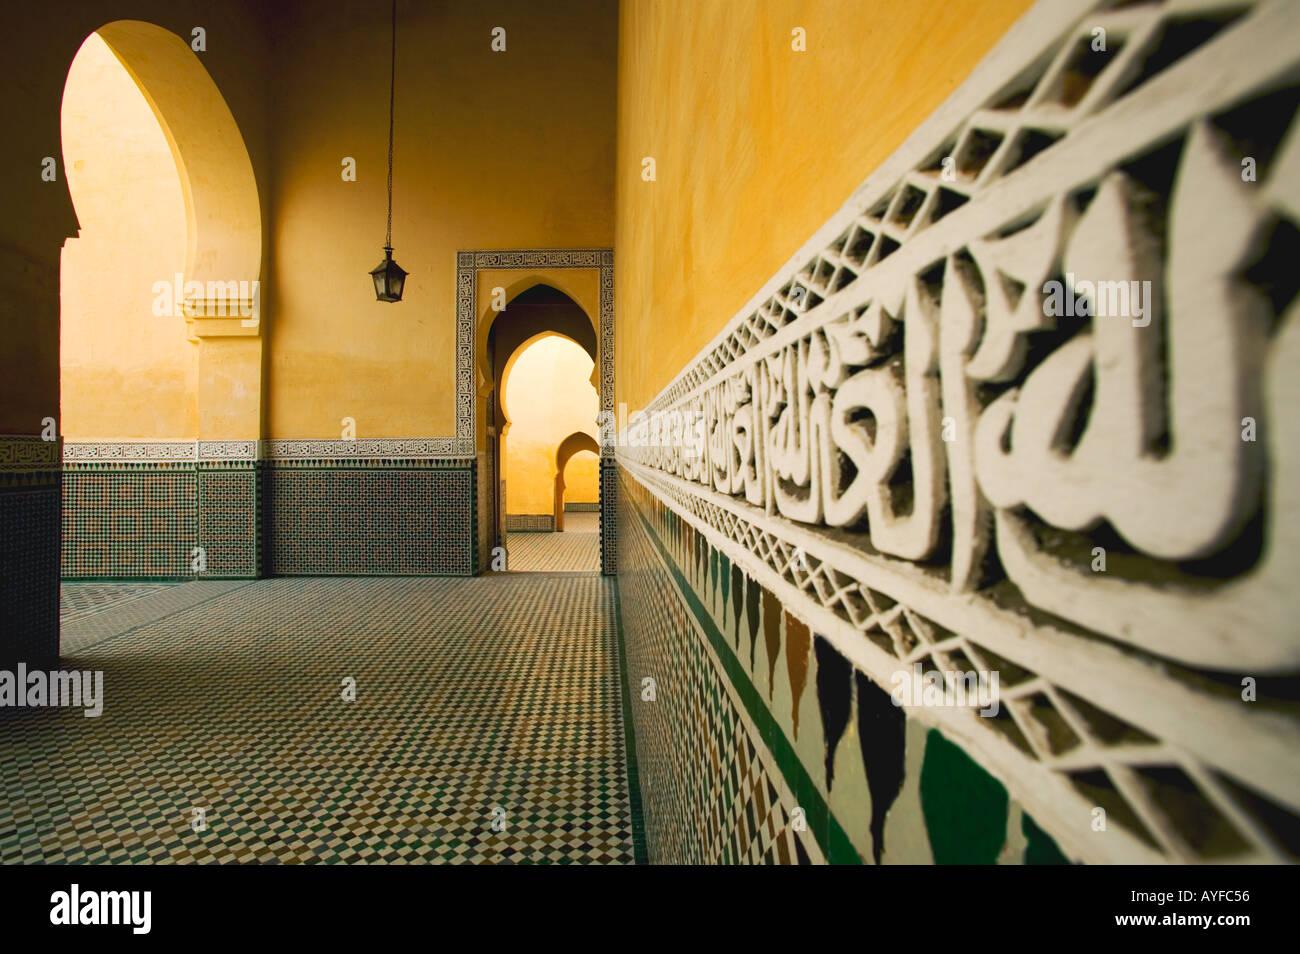 Antigüedades citas coránicas azulejos alrededor de las paredes interiores del mausoleo de Moulay Ismail, la ciudad de Meknes Marruecos Foto de stock